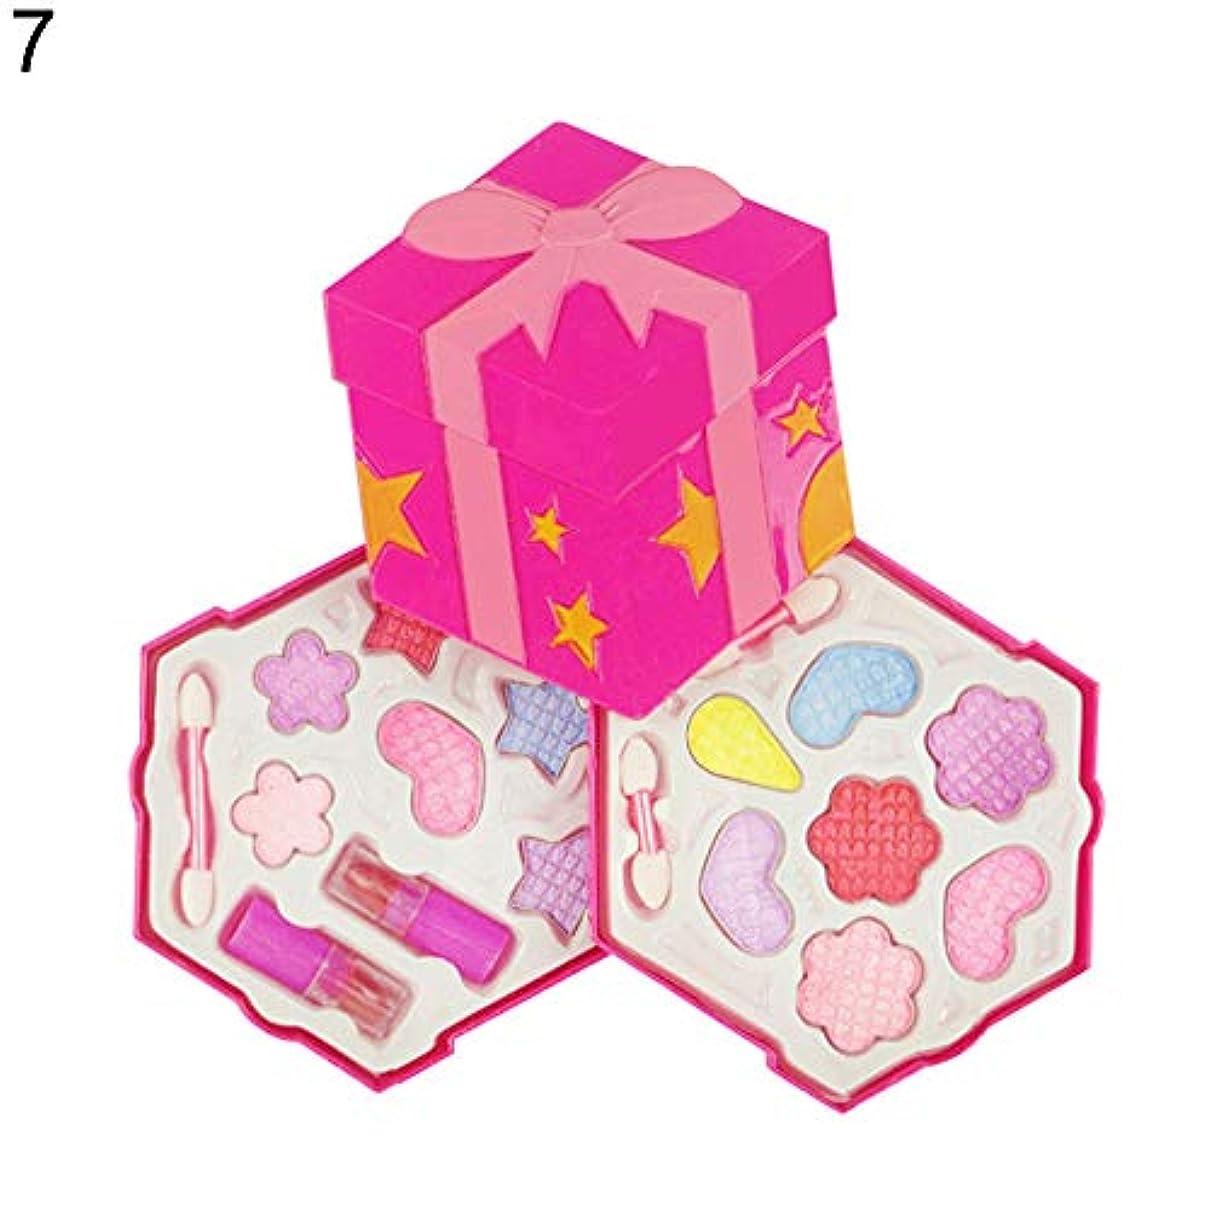 ルームメディカル一握り花蝶ふりプレイメイクセット女の子シミュレーション非毒性化粧品 - 7